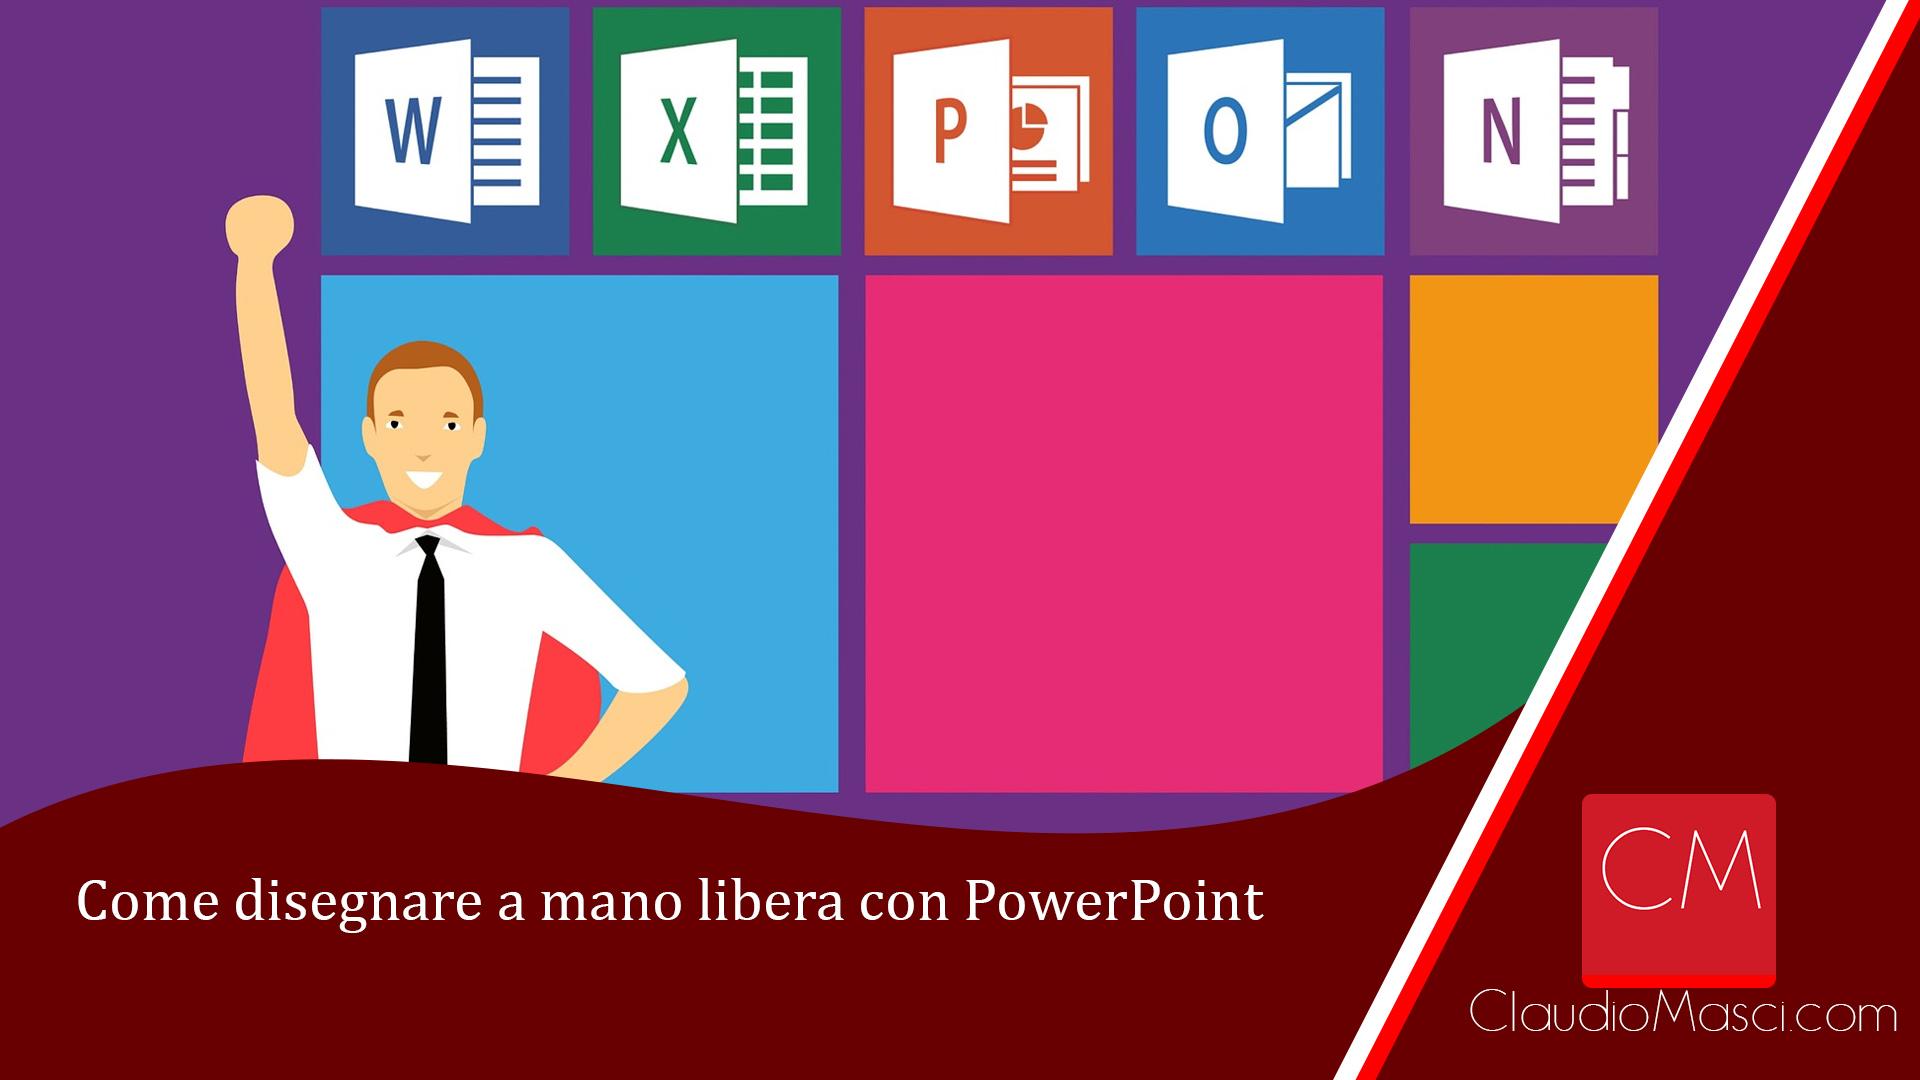 Come disegnare a mano libera con PowerPoint